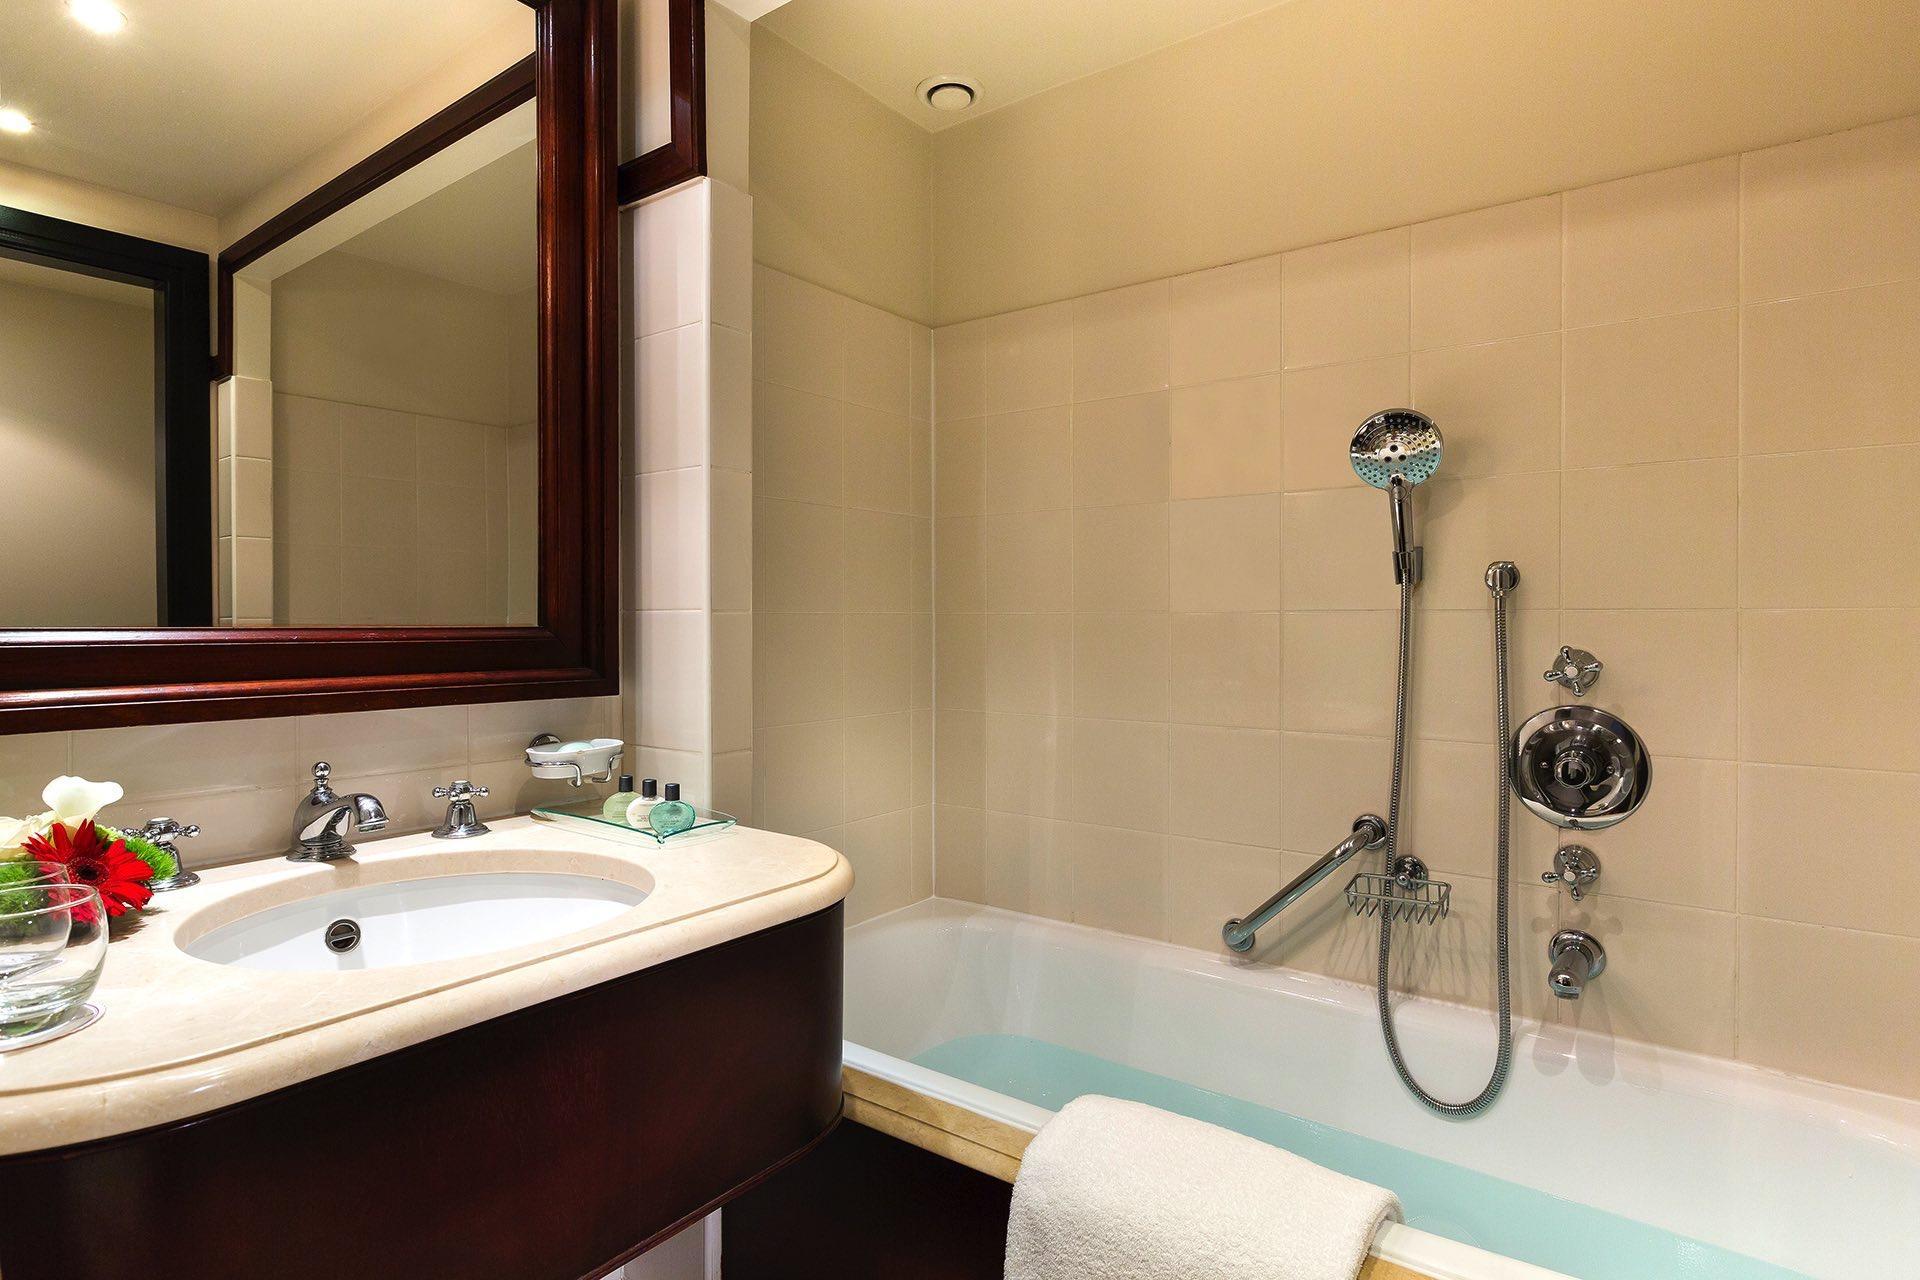 Salle de bain d'une chambre classique à l'Hotel Barsey by Warwic